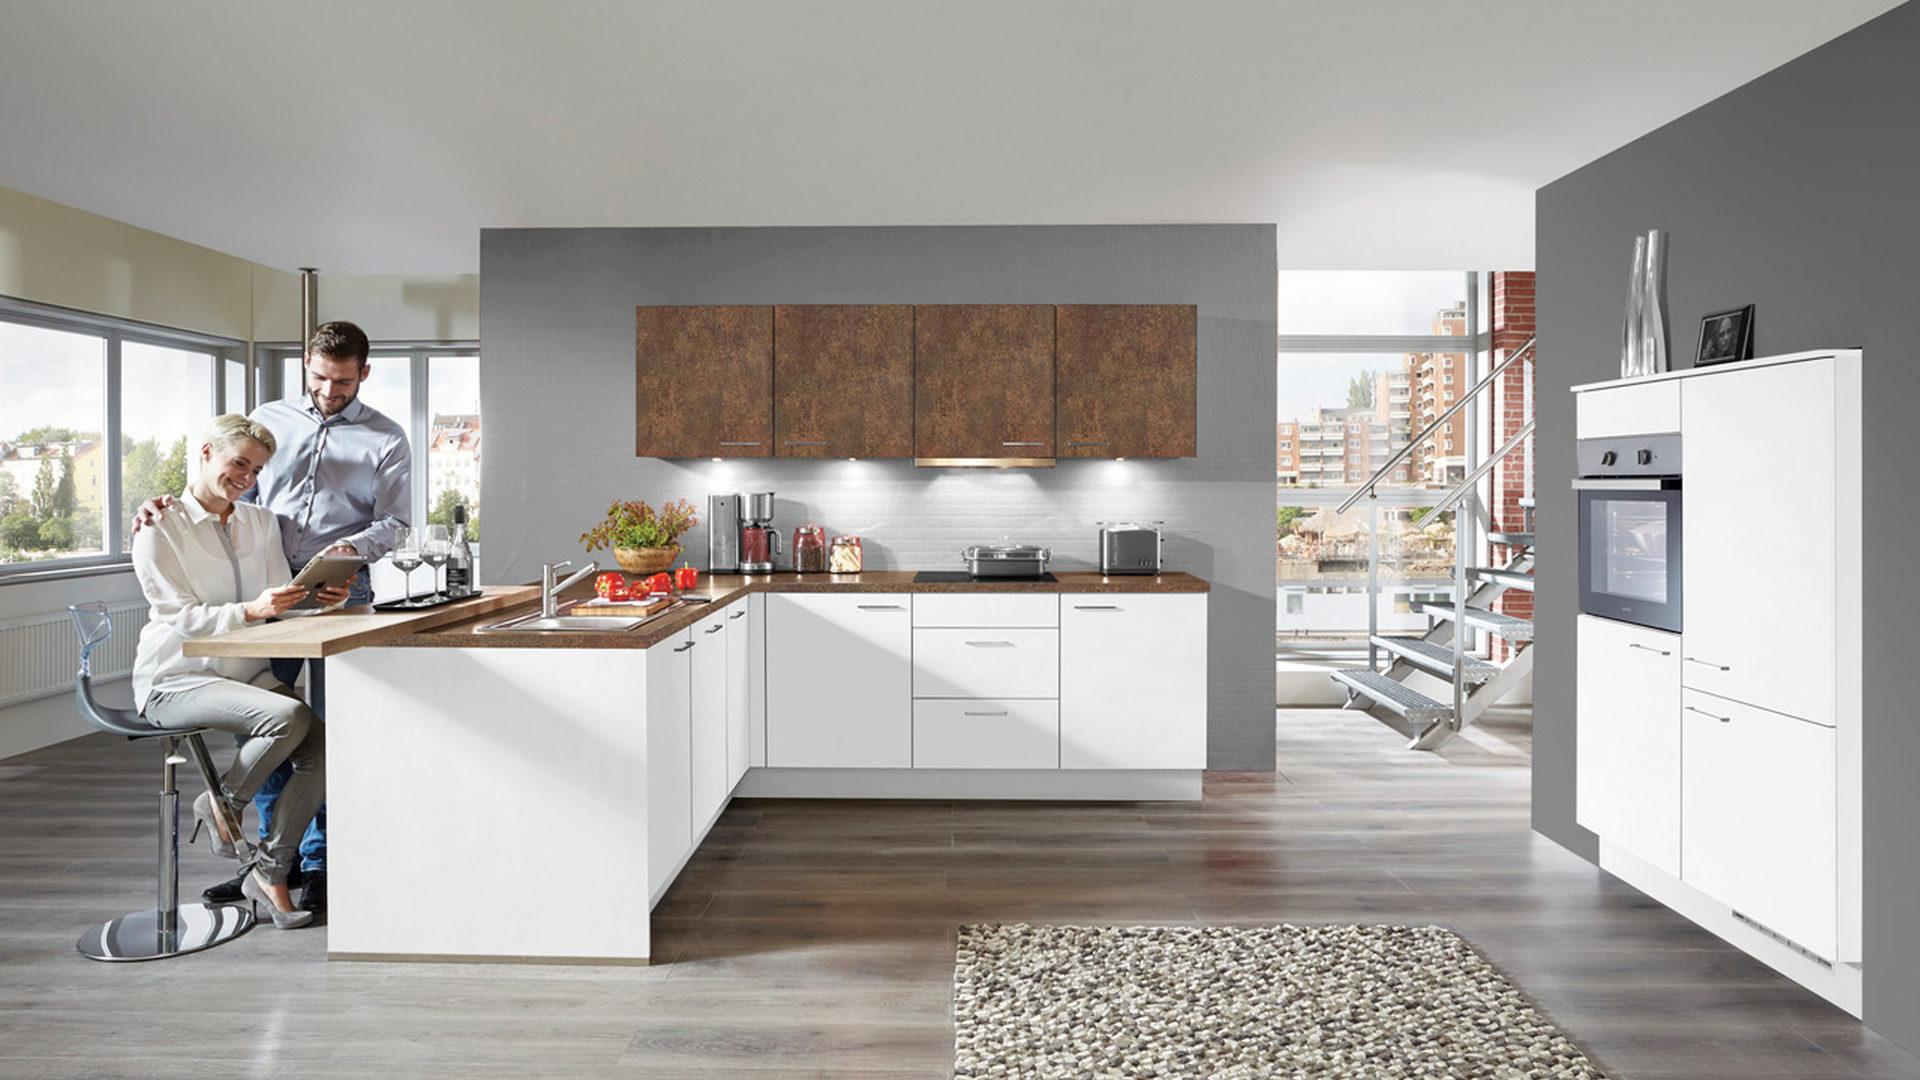 Möbel Bohn Crailsheim, Möbel A-Z, Küchen, Einbauküchen ...